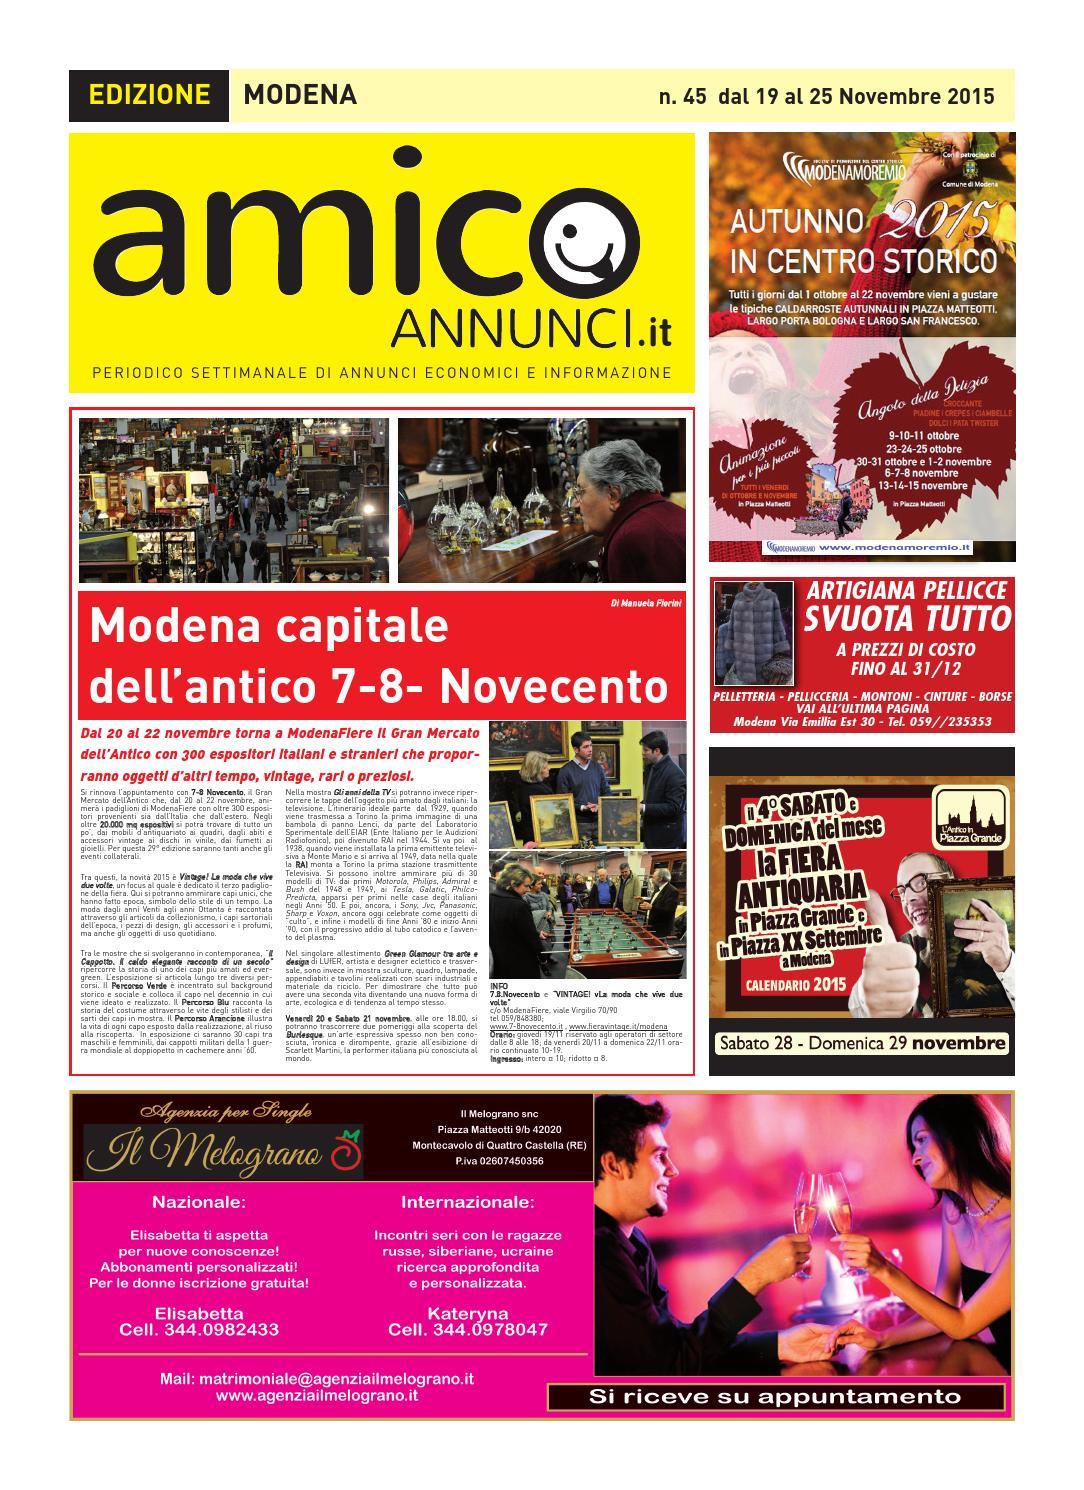 AmicoAnnunci Edizione Modena n°45 by amicoannunci - issuu 24faf579b1a